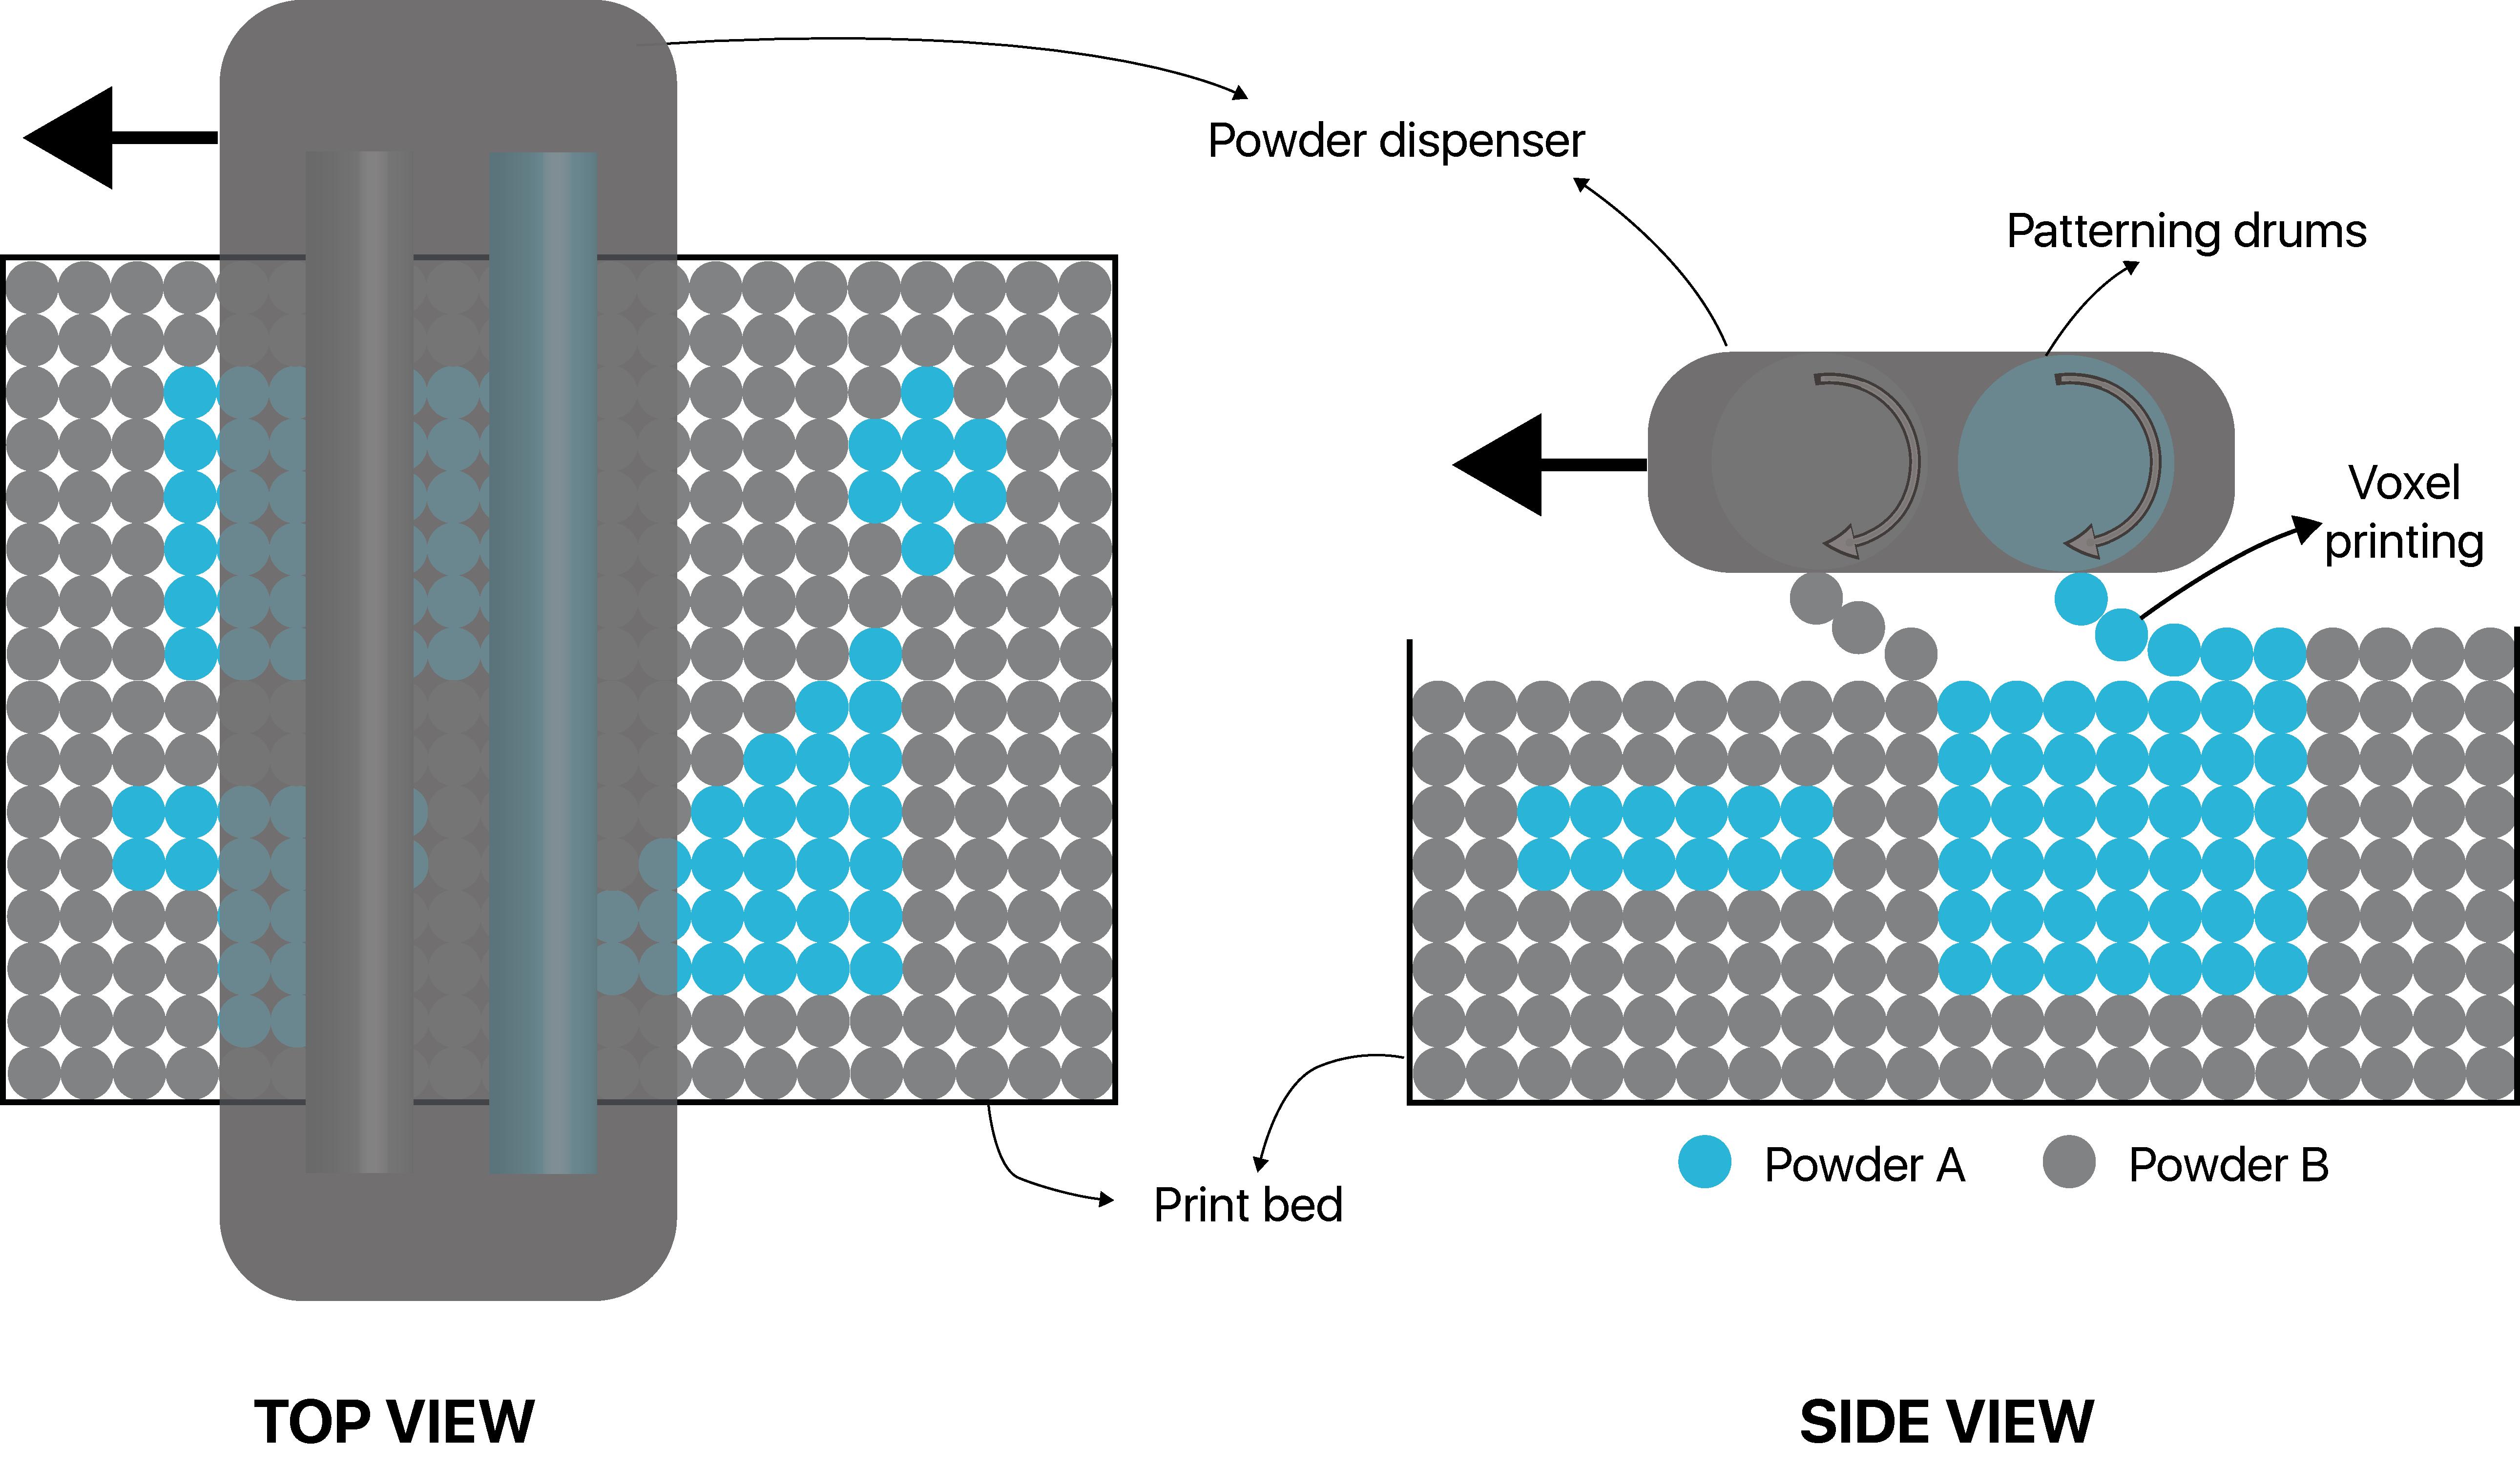 aerosint sls 3d drucker multi pulver1 - Aerosint entwickelt Multi-Pulver SLS 3D-Drucker